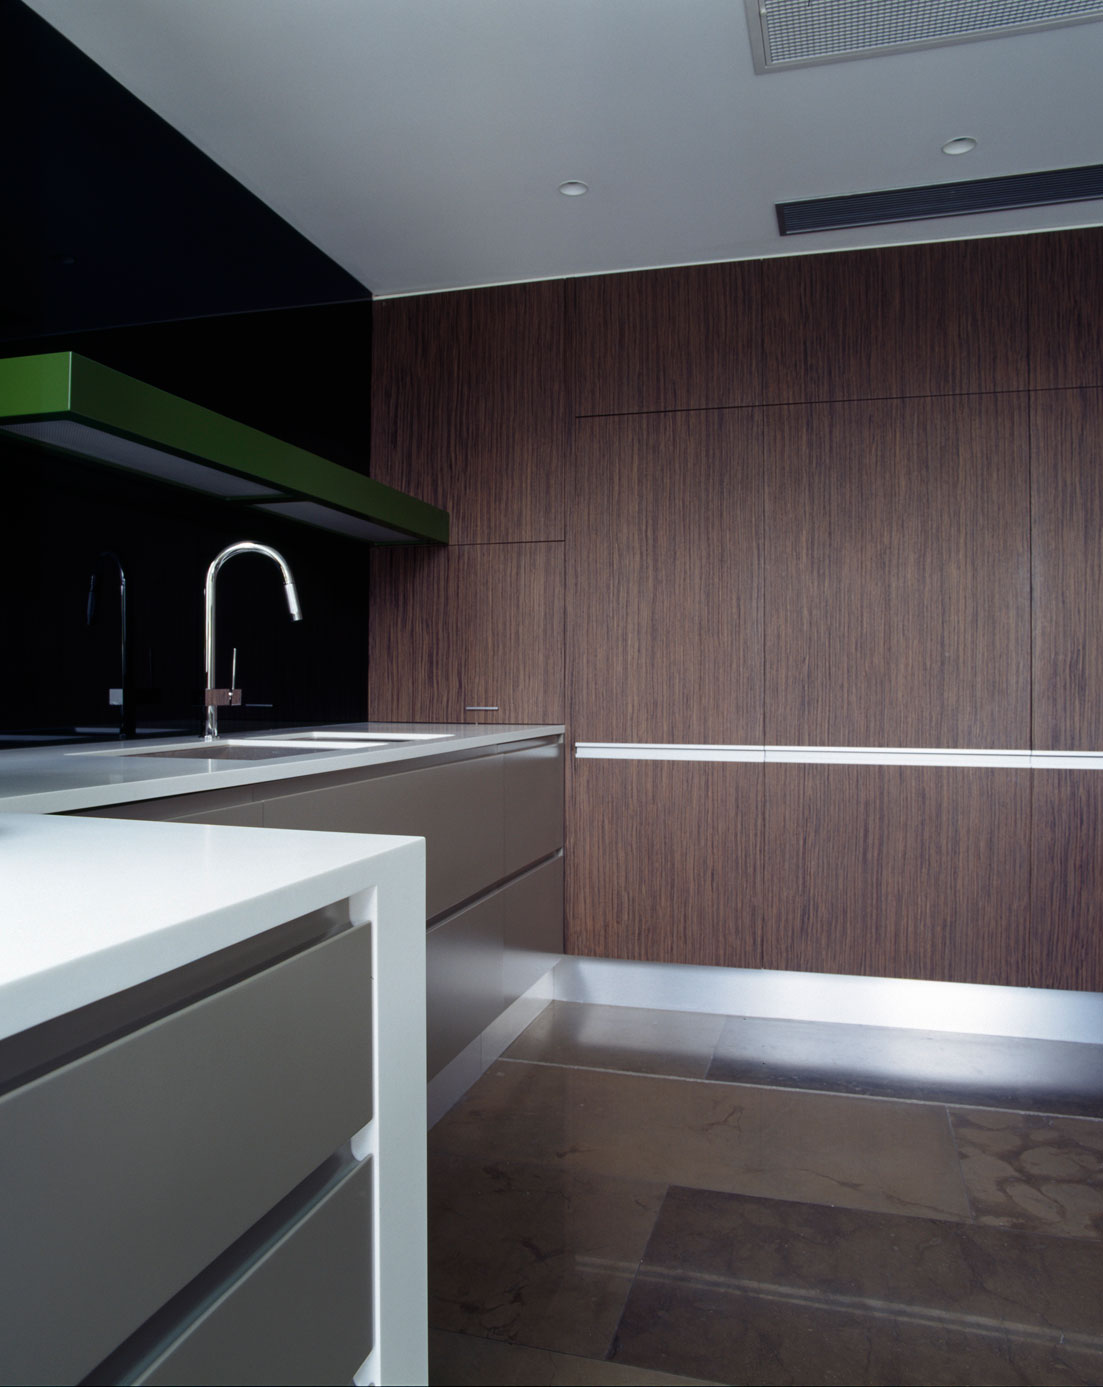 Architetturedinterni-Raffinato-stile-urbano-a Sydney-14